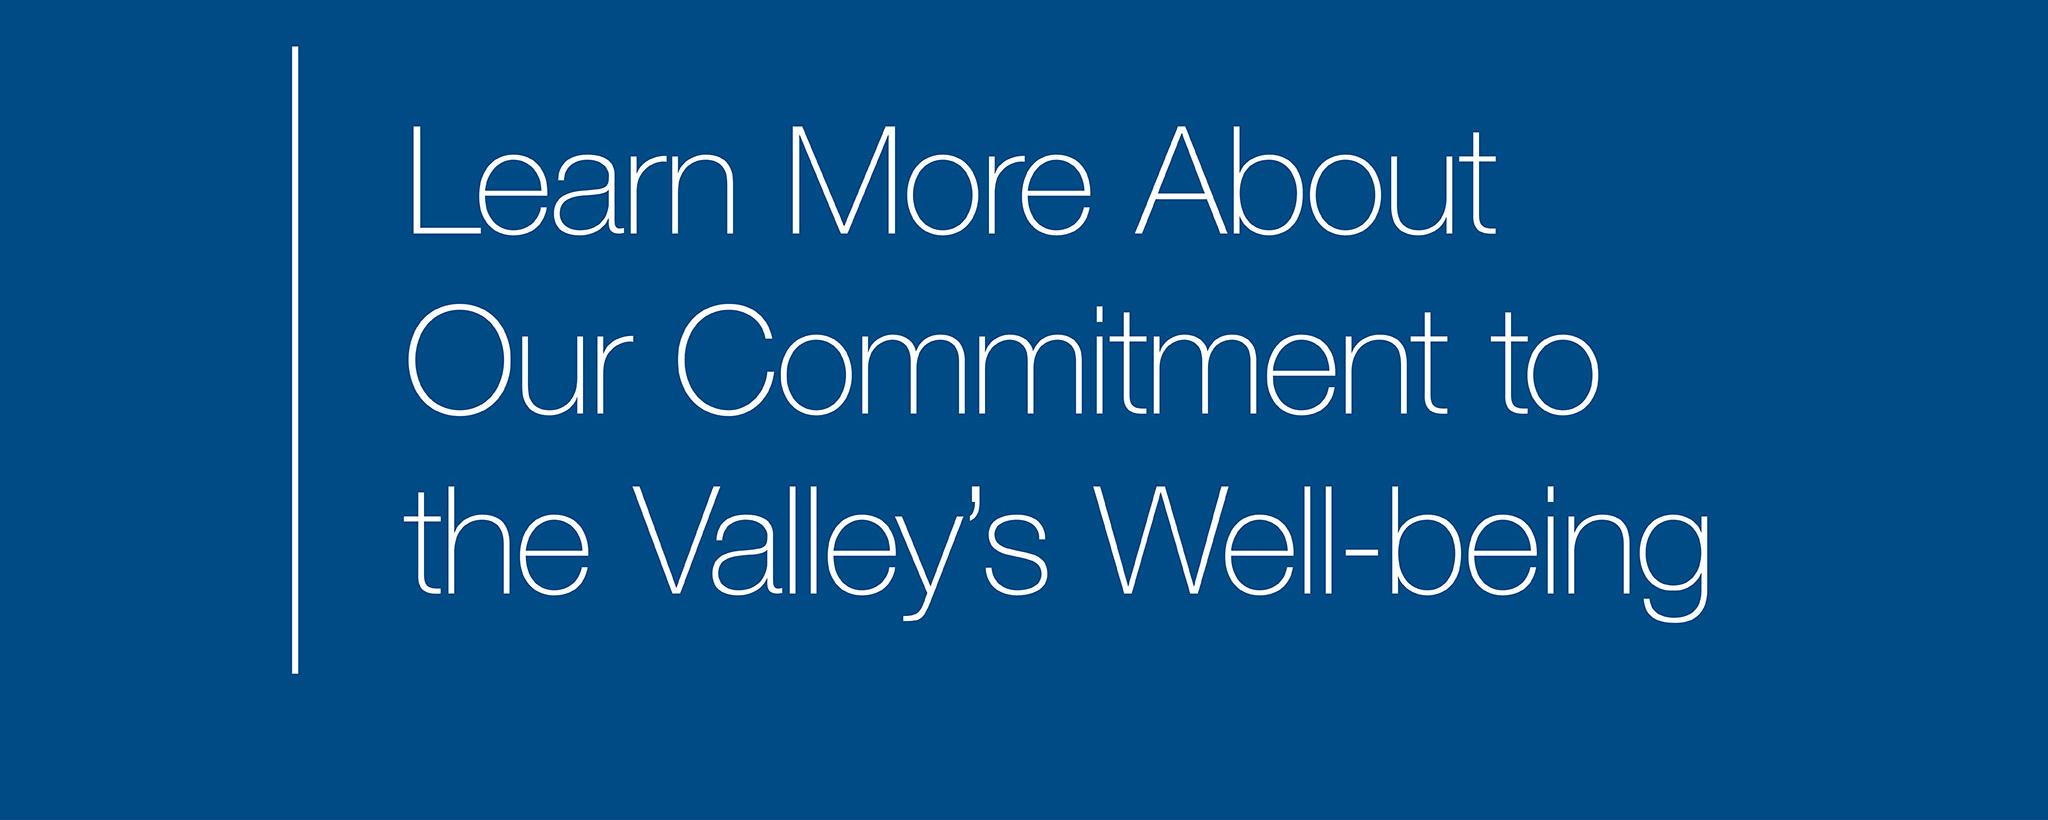 2020-3363 TVA Commitment